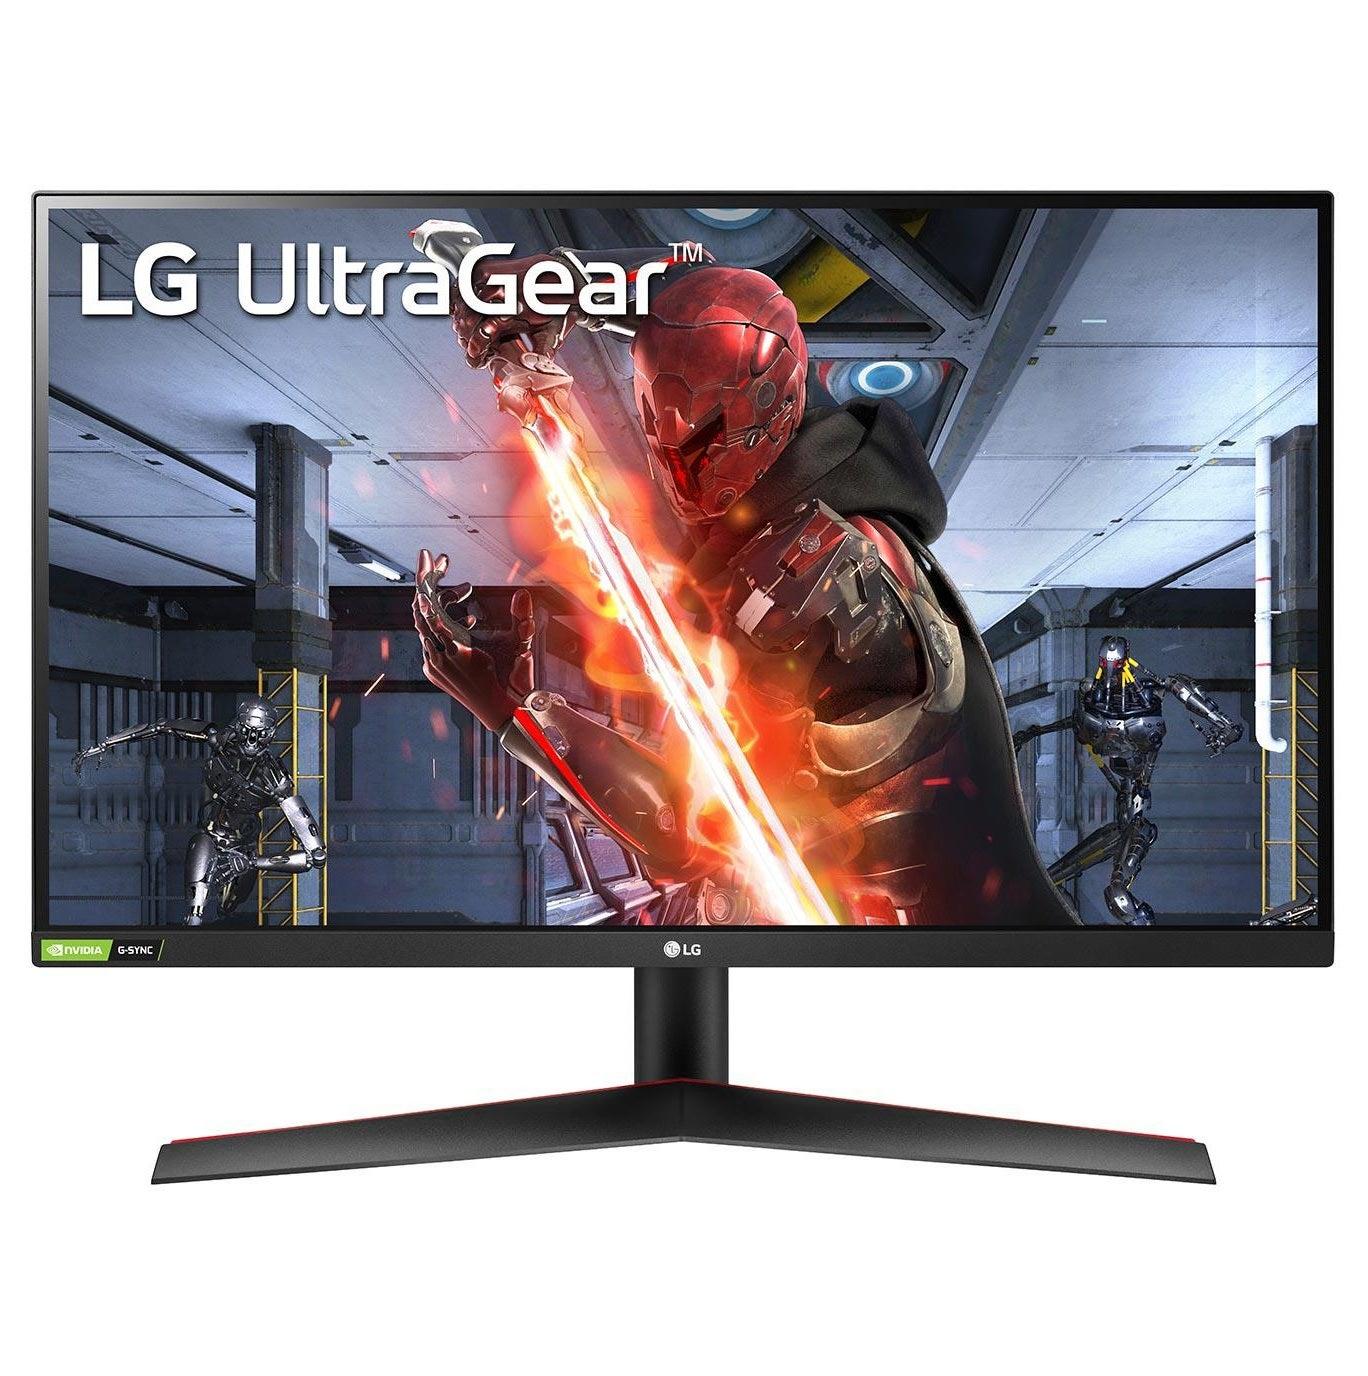 LG UltraGear 27GN600 27inch LED Monitor